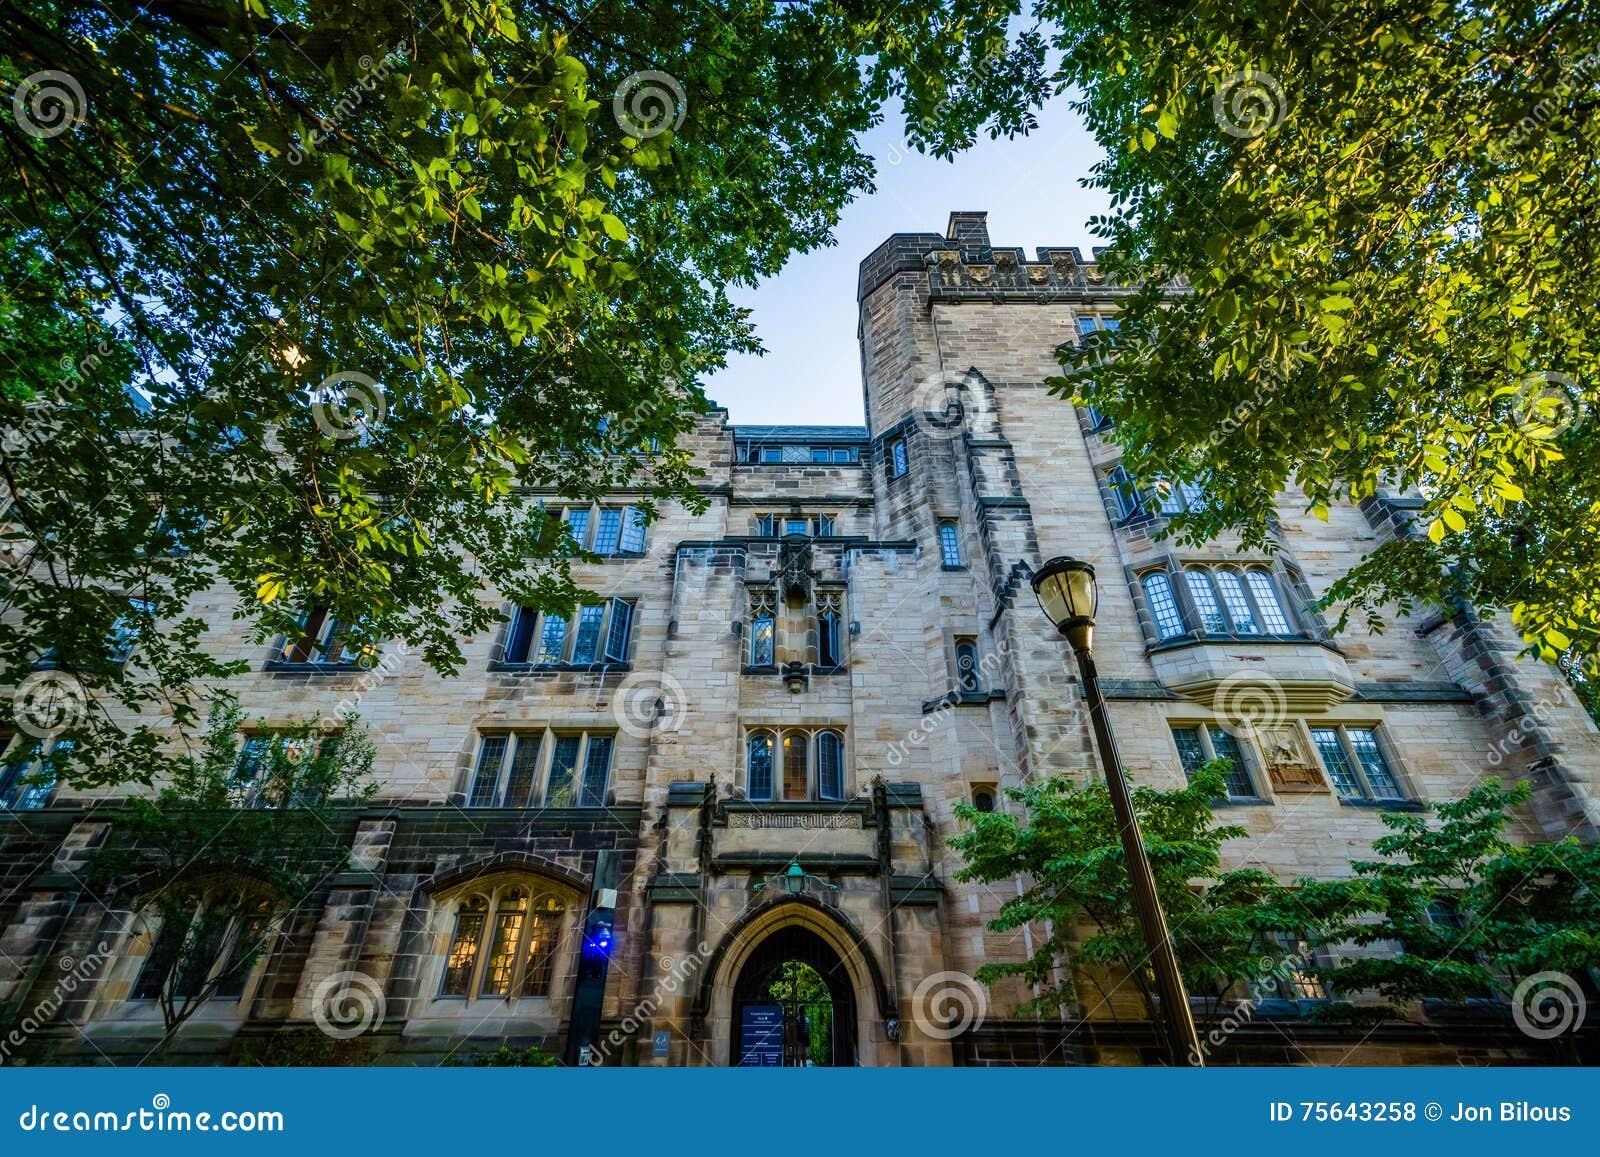 Calhoununiversiteit, op de campus van Yale University, in New Haven,